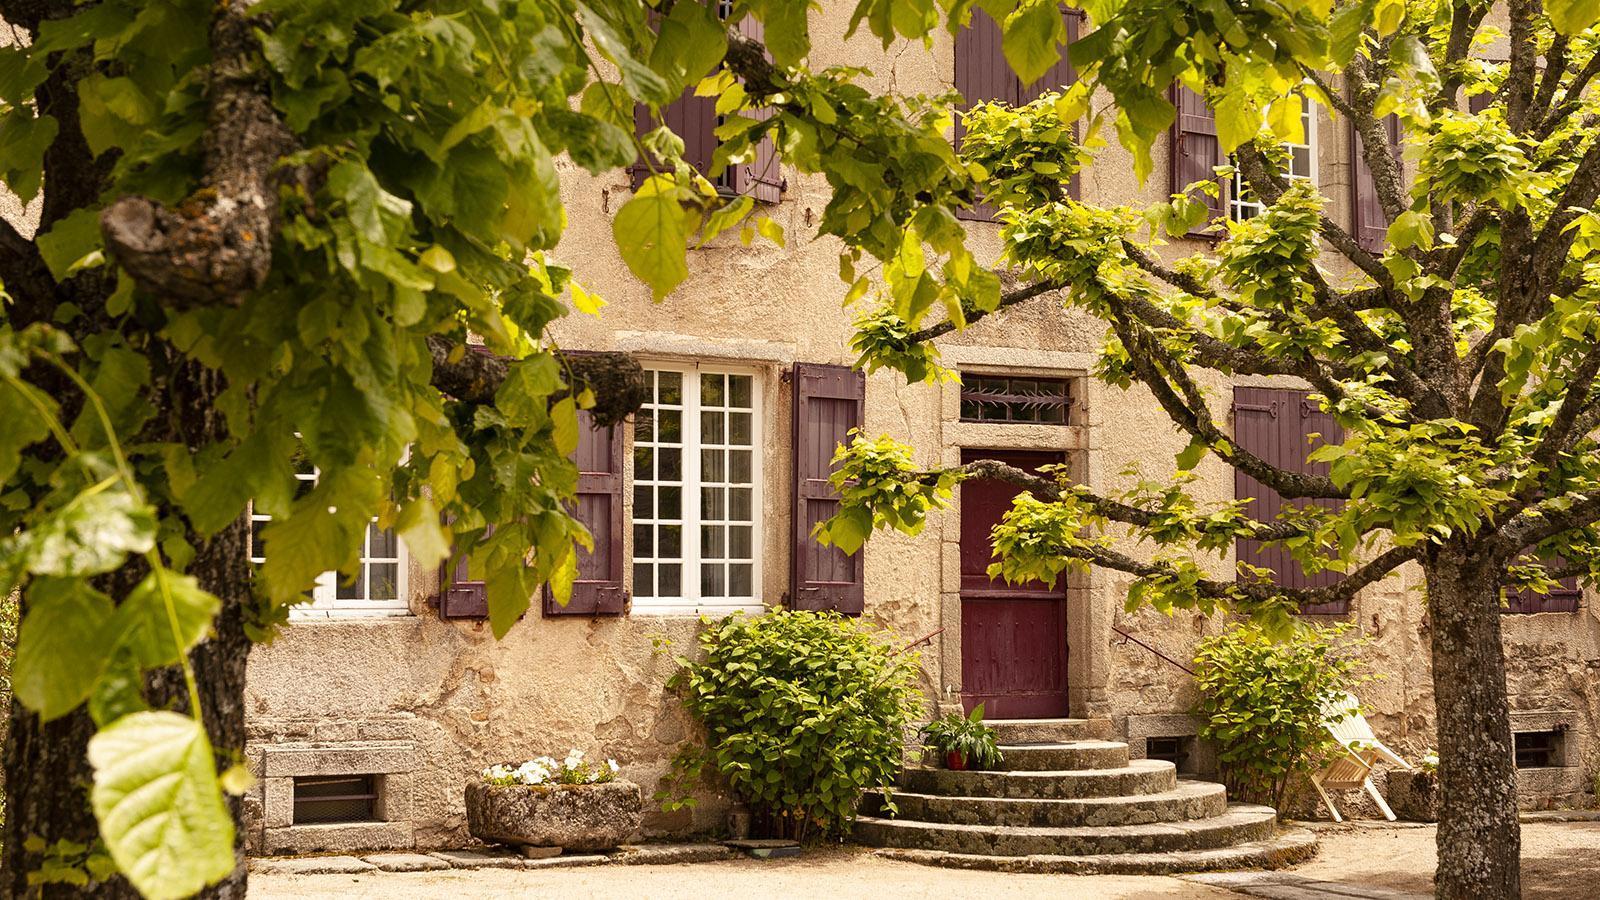 Aumont-Aubrac: Malerisch, dieses alte Haus. Foto: Hilke Maunder